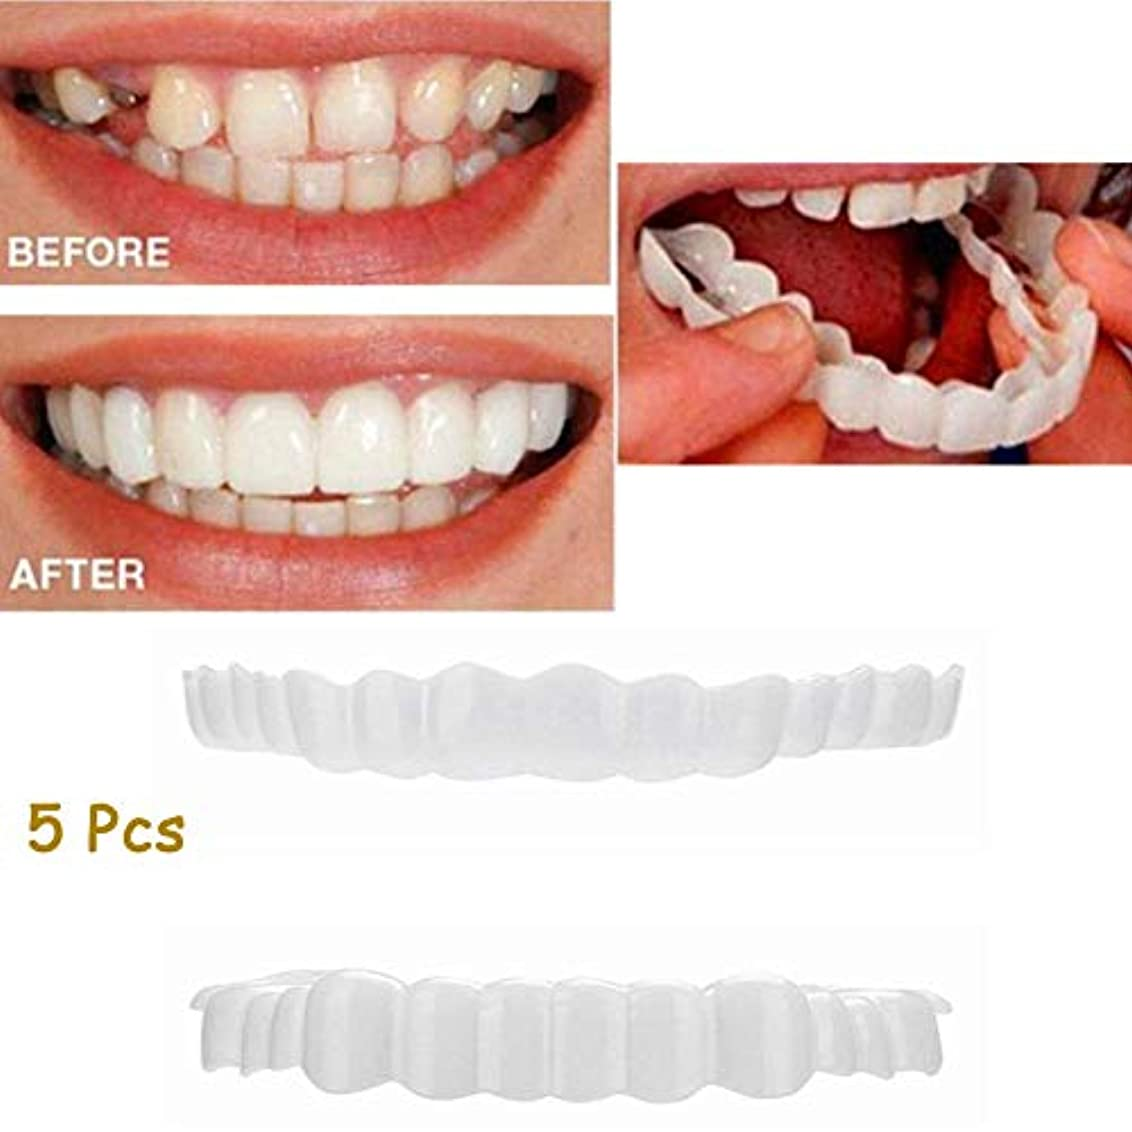 条件付き料理森5ピース上歯+下歯セットインスタントパーフェクトコンフォートフィットフレックス化粧品歯入れ歯歯ホワイトニングスマイルフェイク歯